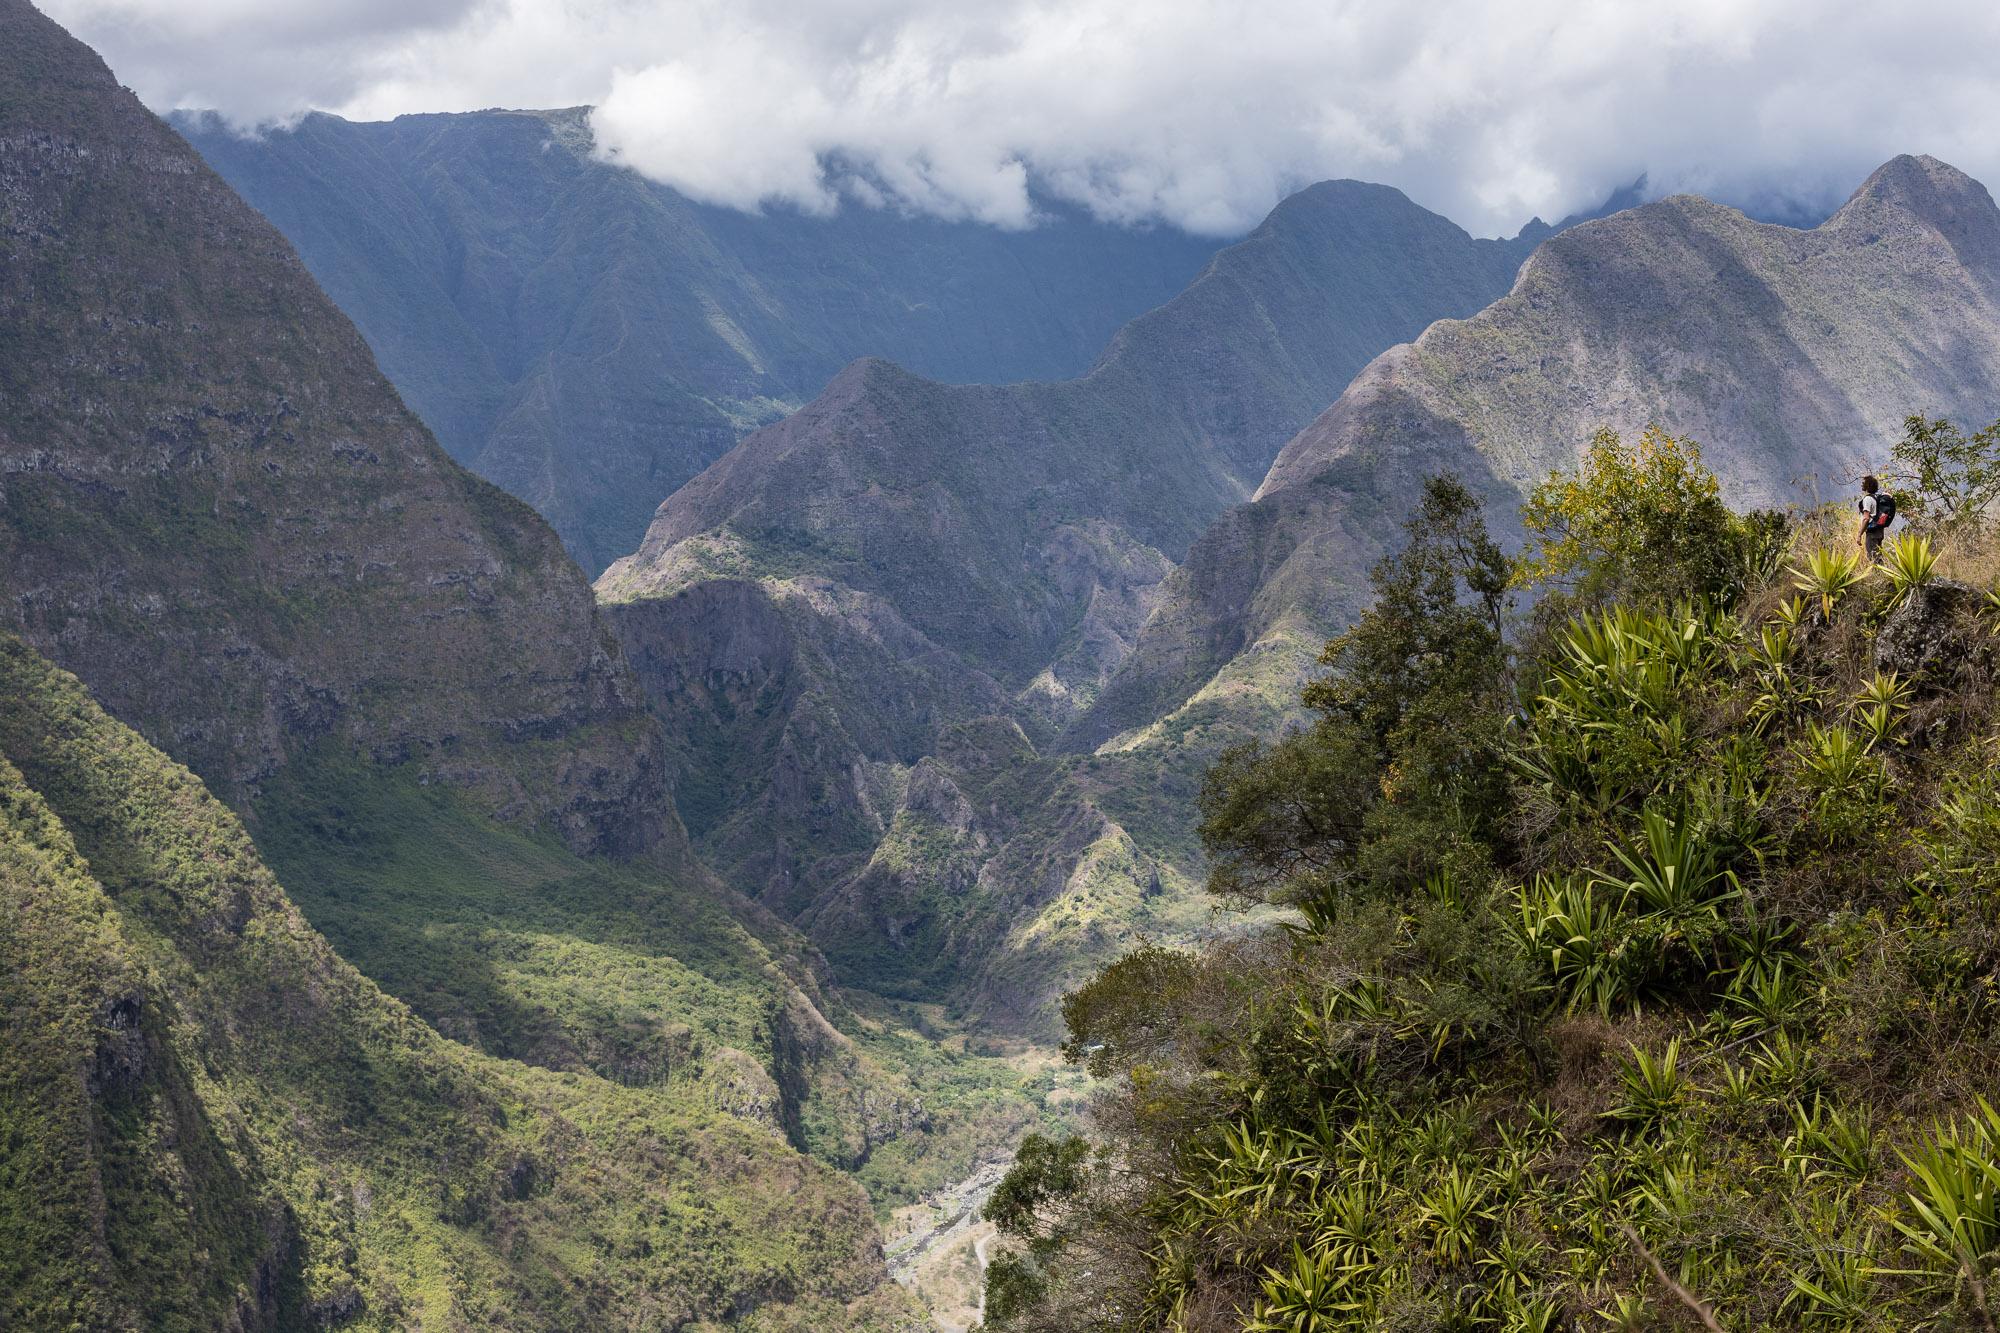 Point de vue sur entrée dans le cirque de Mafate, La Réunion